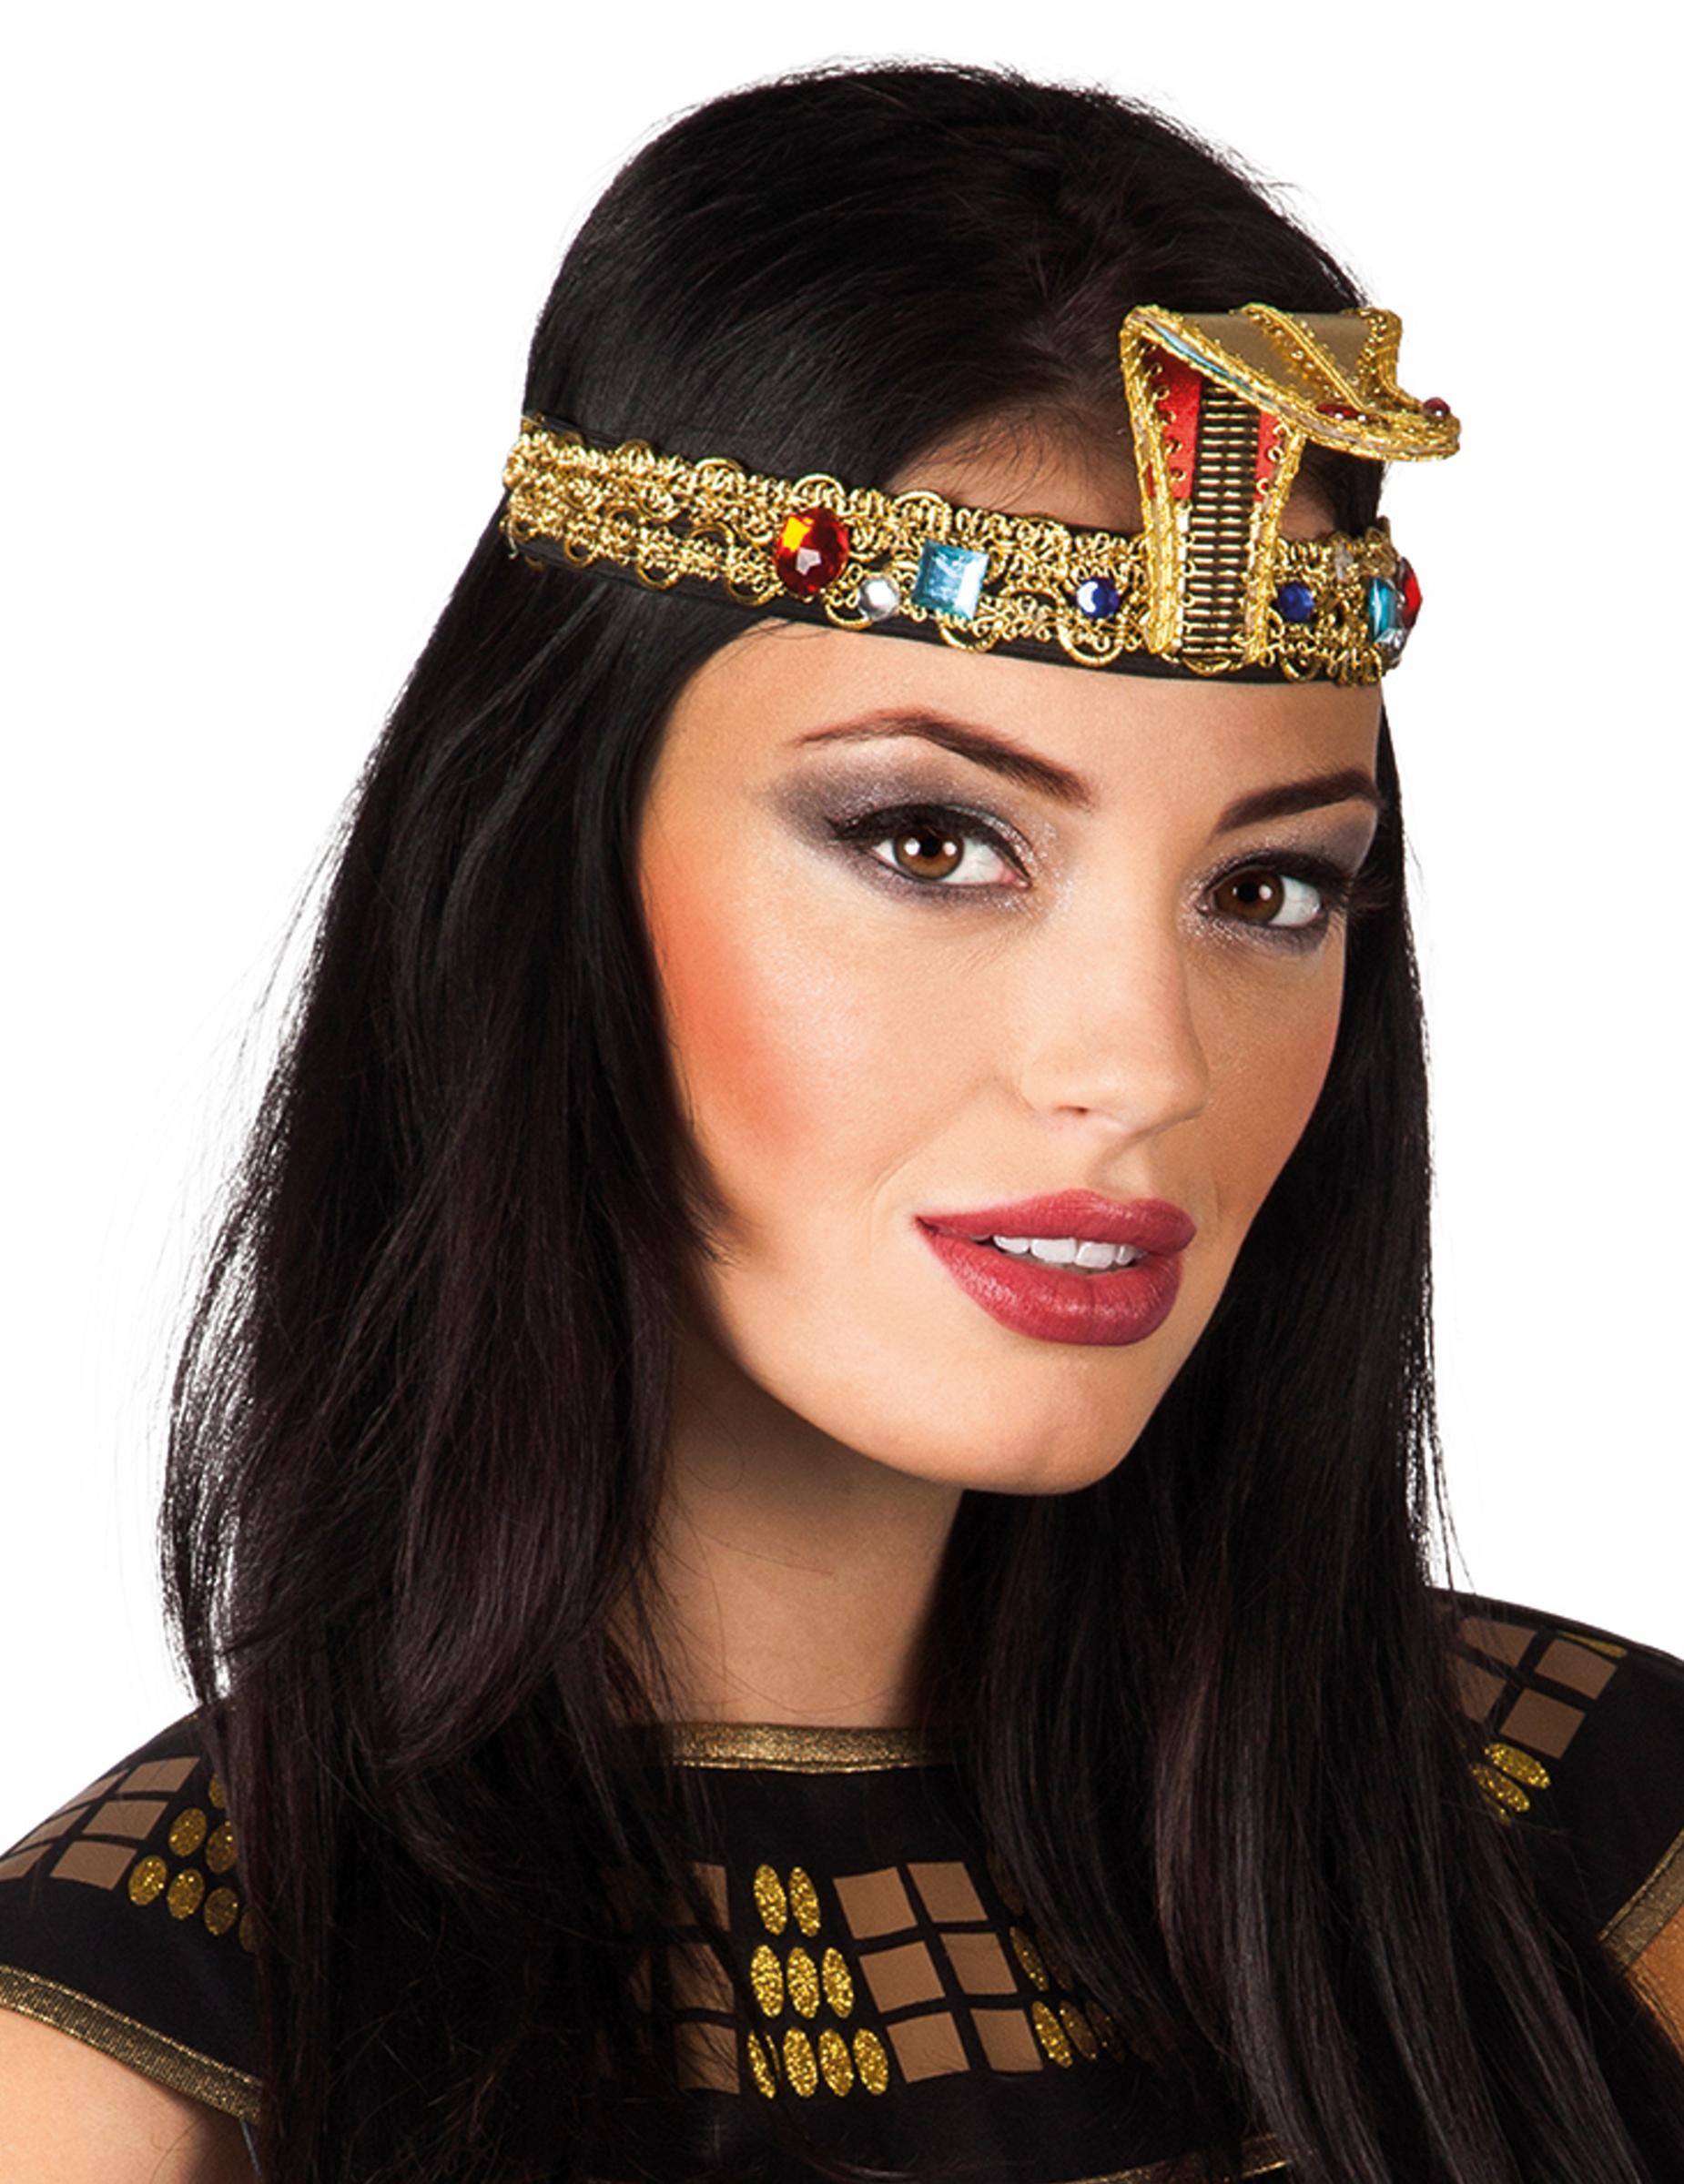 Agyptische Pharaonin Cleopatra Stirnband Mit Schlange Kostum